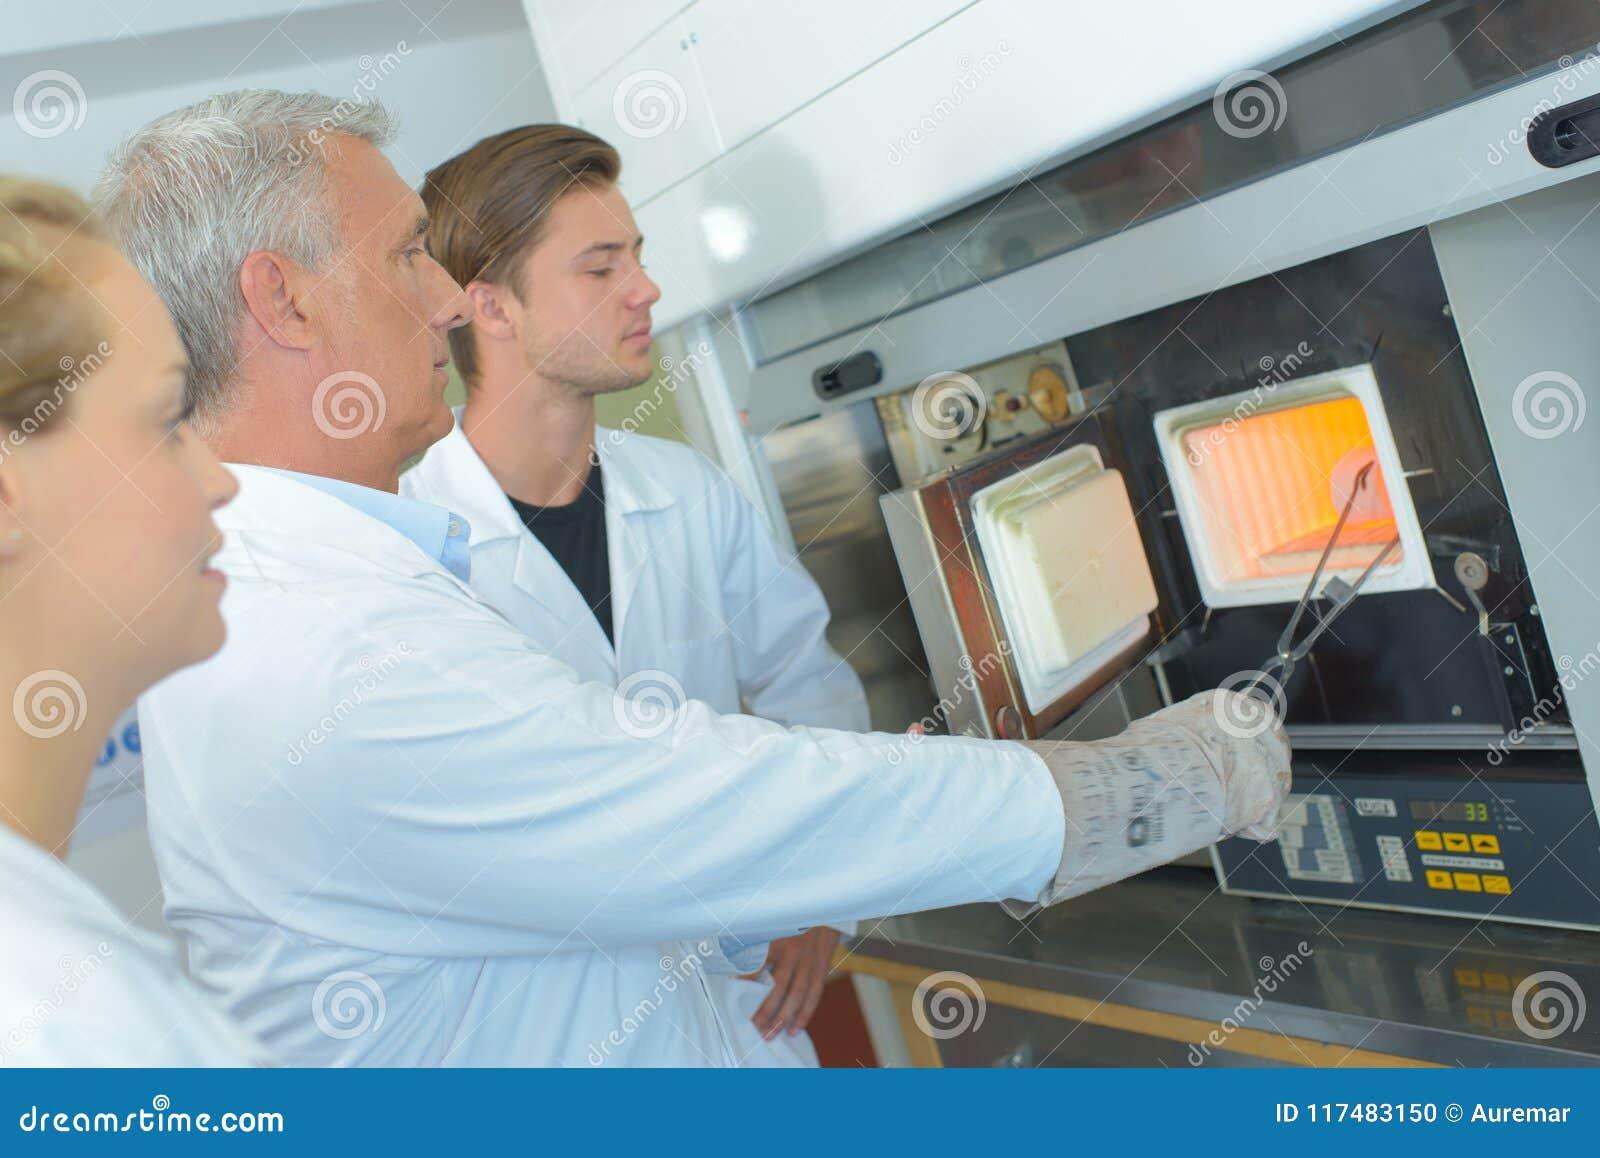 Cientista que remove o objeto do forno com os tenazes de brasa